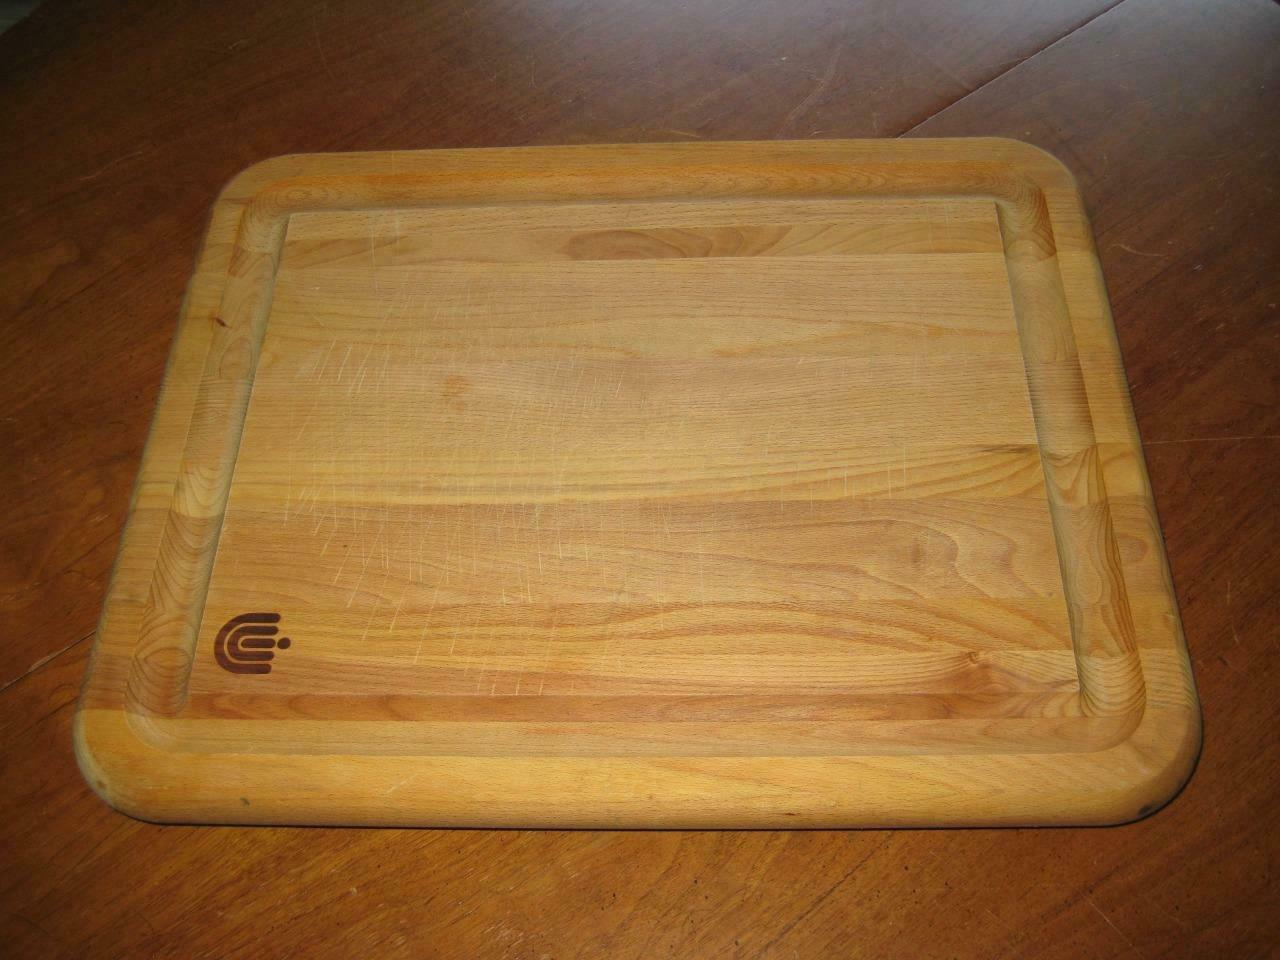 Vintage en bois massif à découper de Boucher Bloc Planche à découper W Pieds Pieds 16 X 20